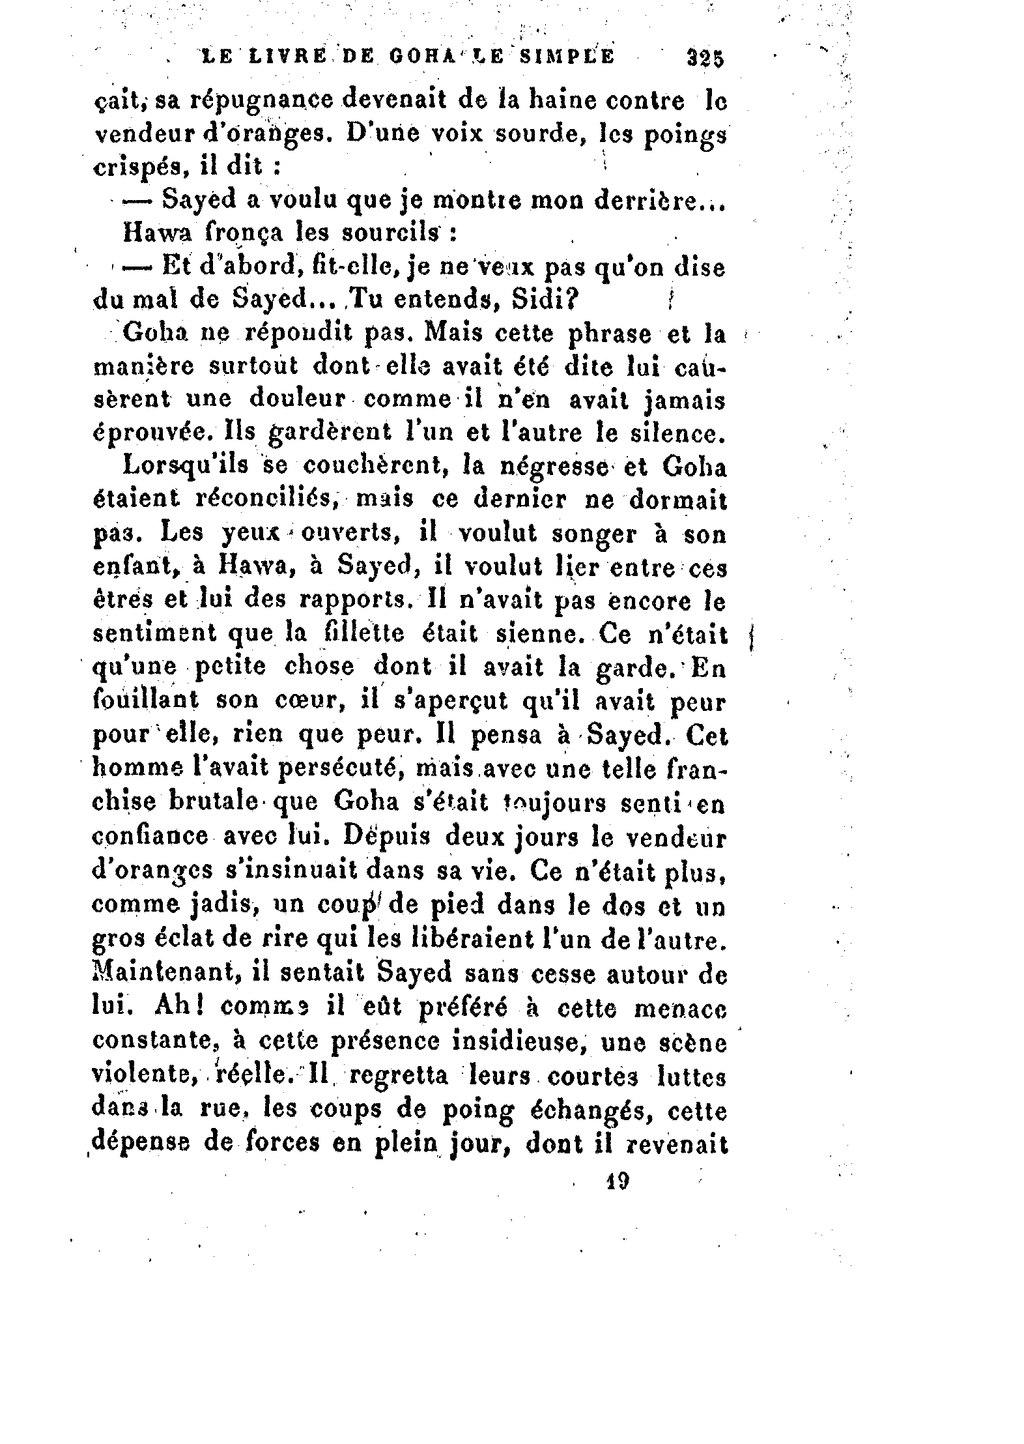 Page ades josipovici mirbeau le livre de goha le wikisource - Coup de poing dans le dos ...